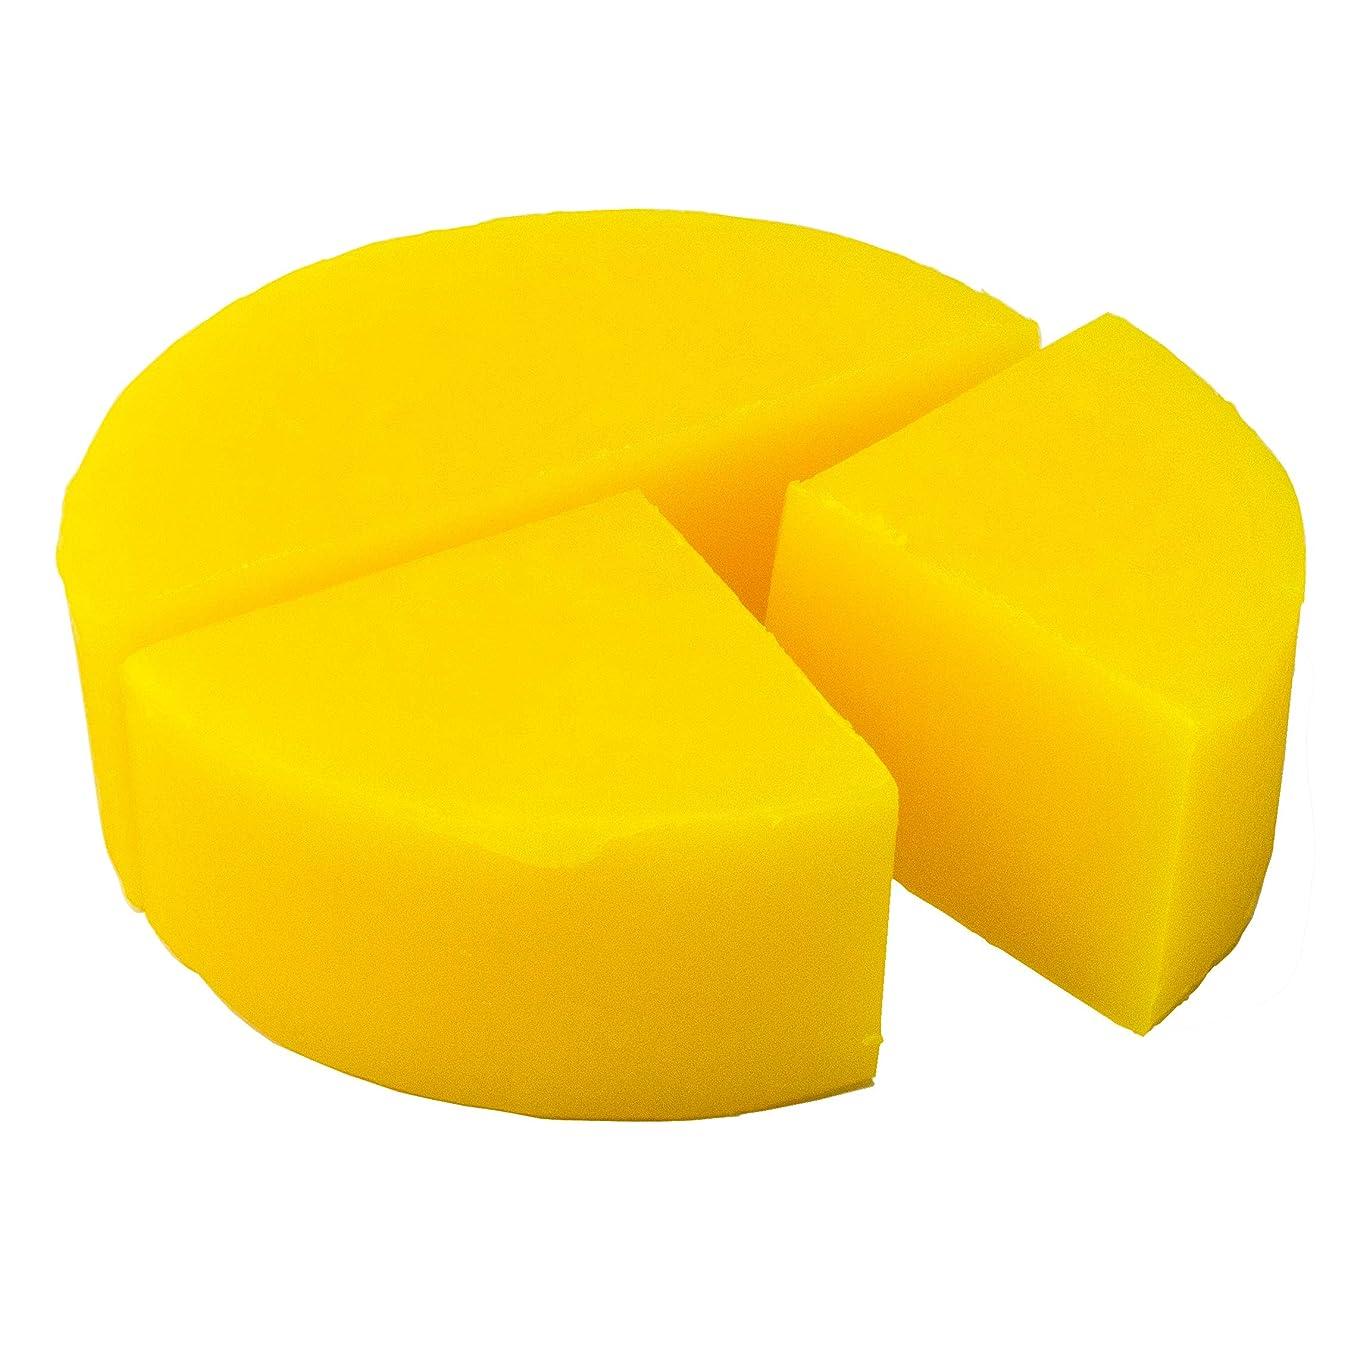 願望失敗加速度グリセリン クリアソープ 色チップ 黄 100g (MPソープ)